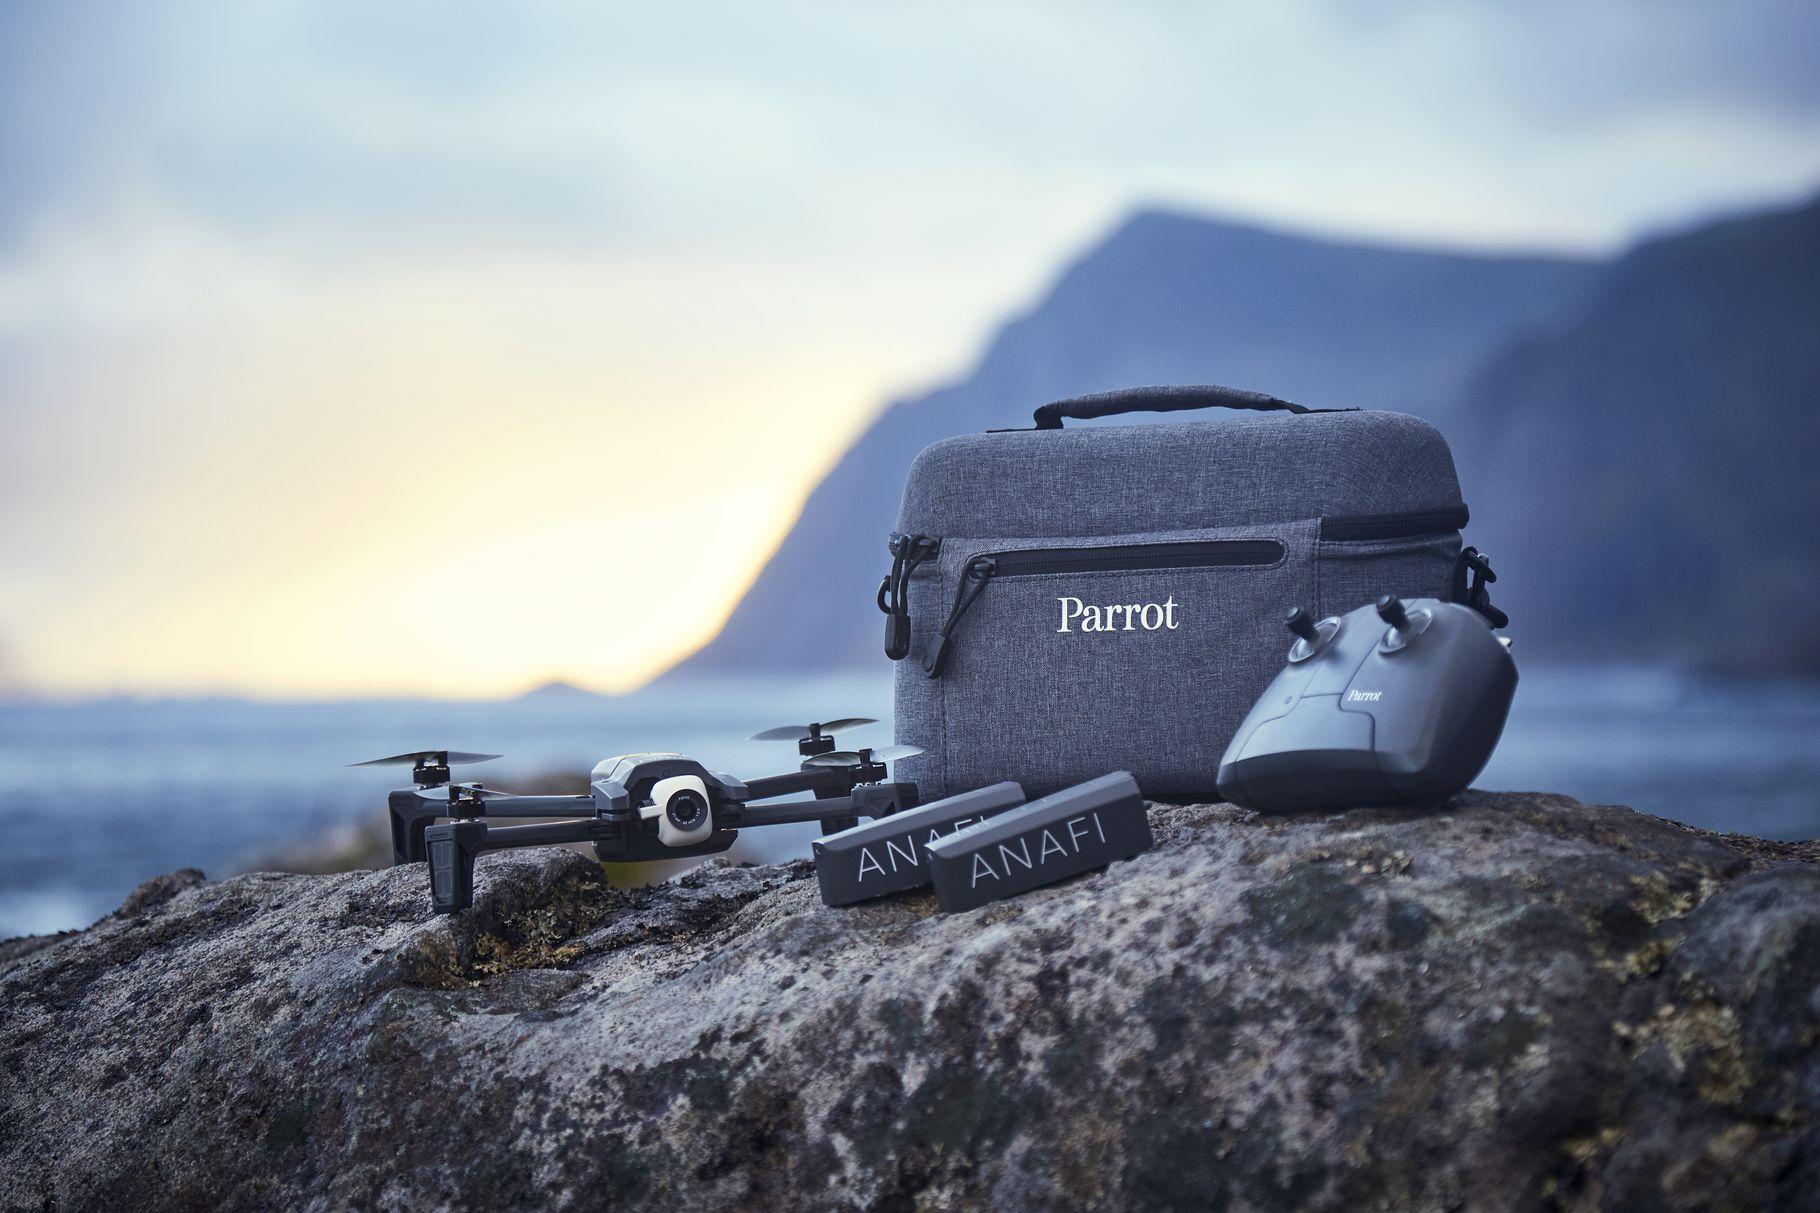 Parrot dodaje nowe tryby fotograficzne do drona Anafi. Do sprzedaży trafi też nowy zestaw w dobrej cenie 19